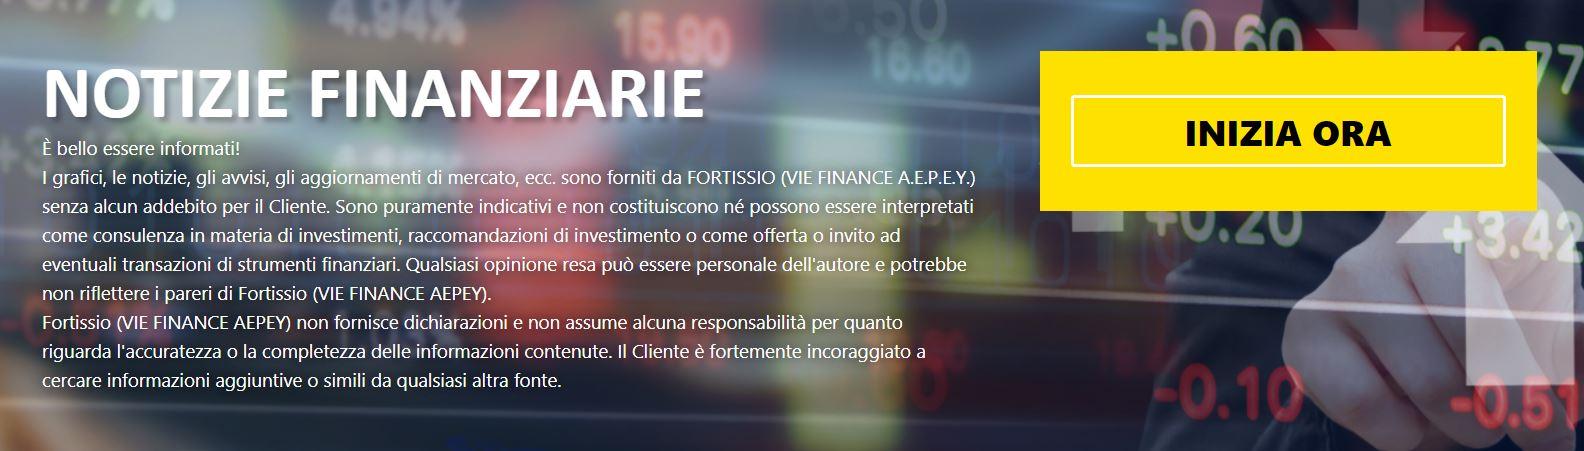 notizie finanziarie fortissio